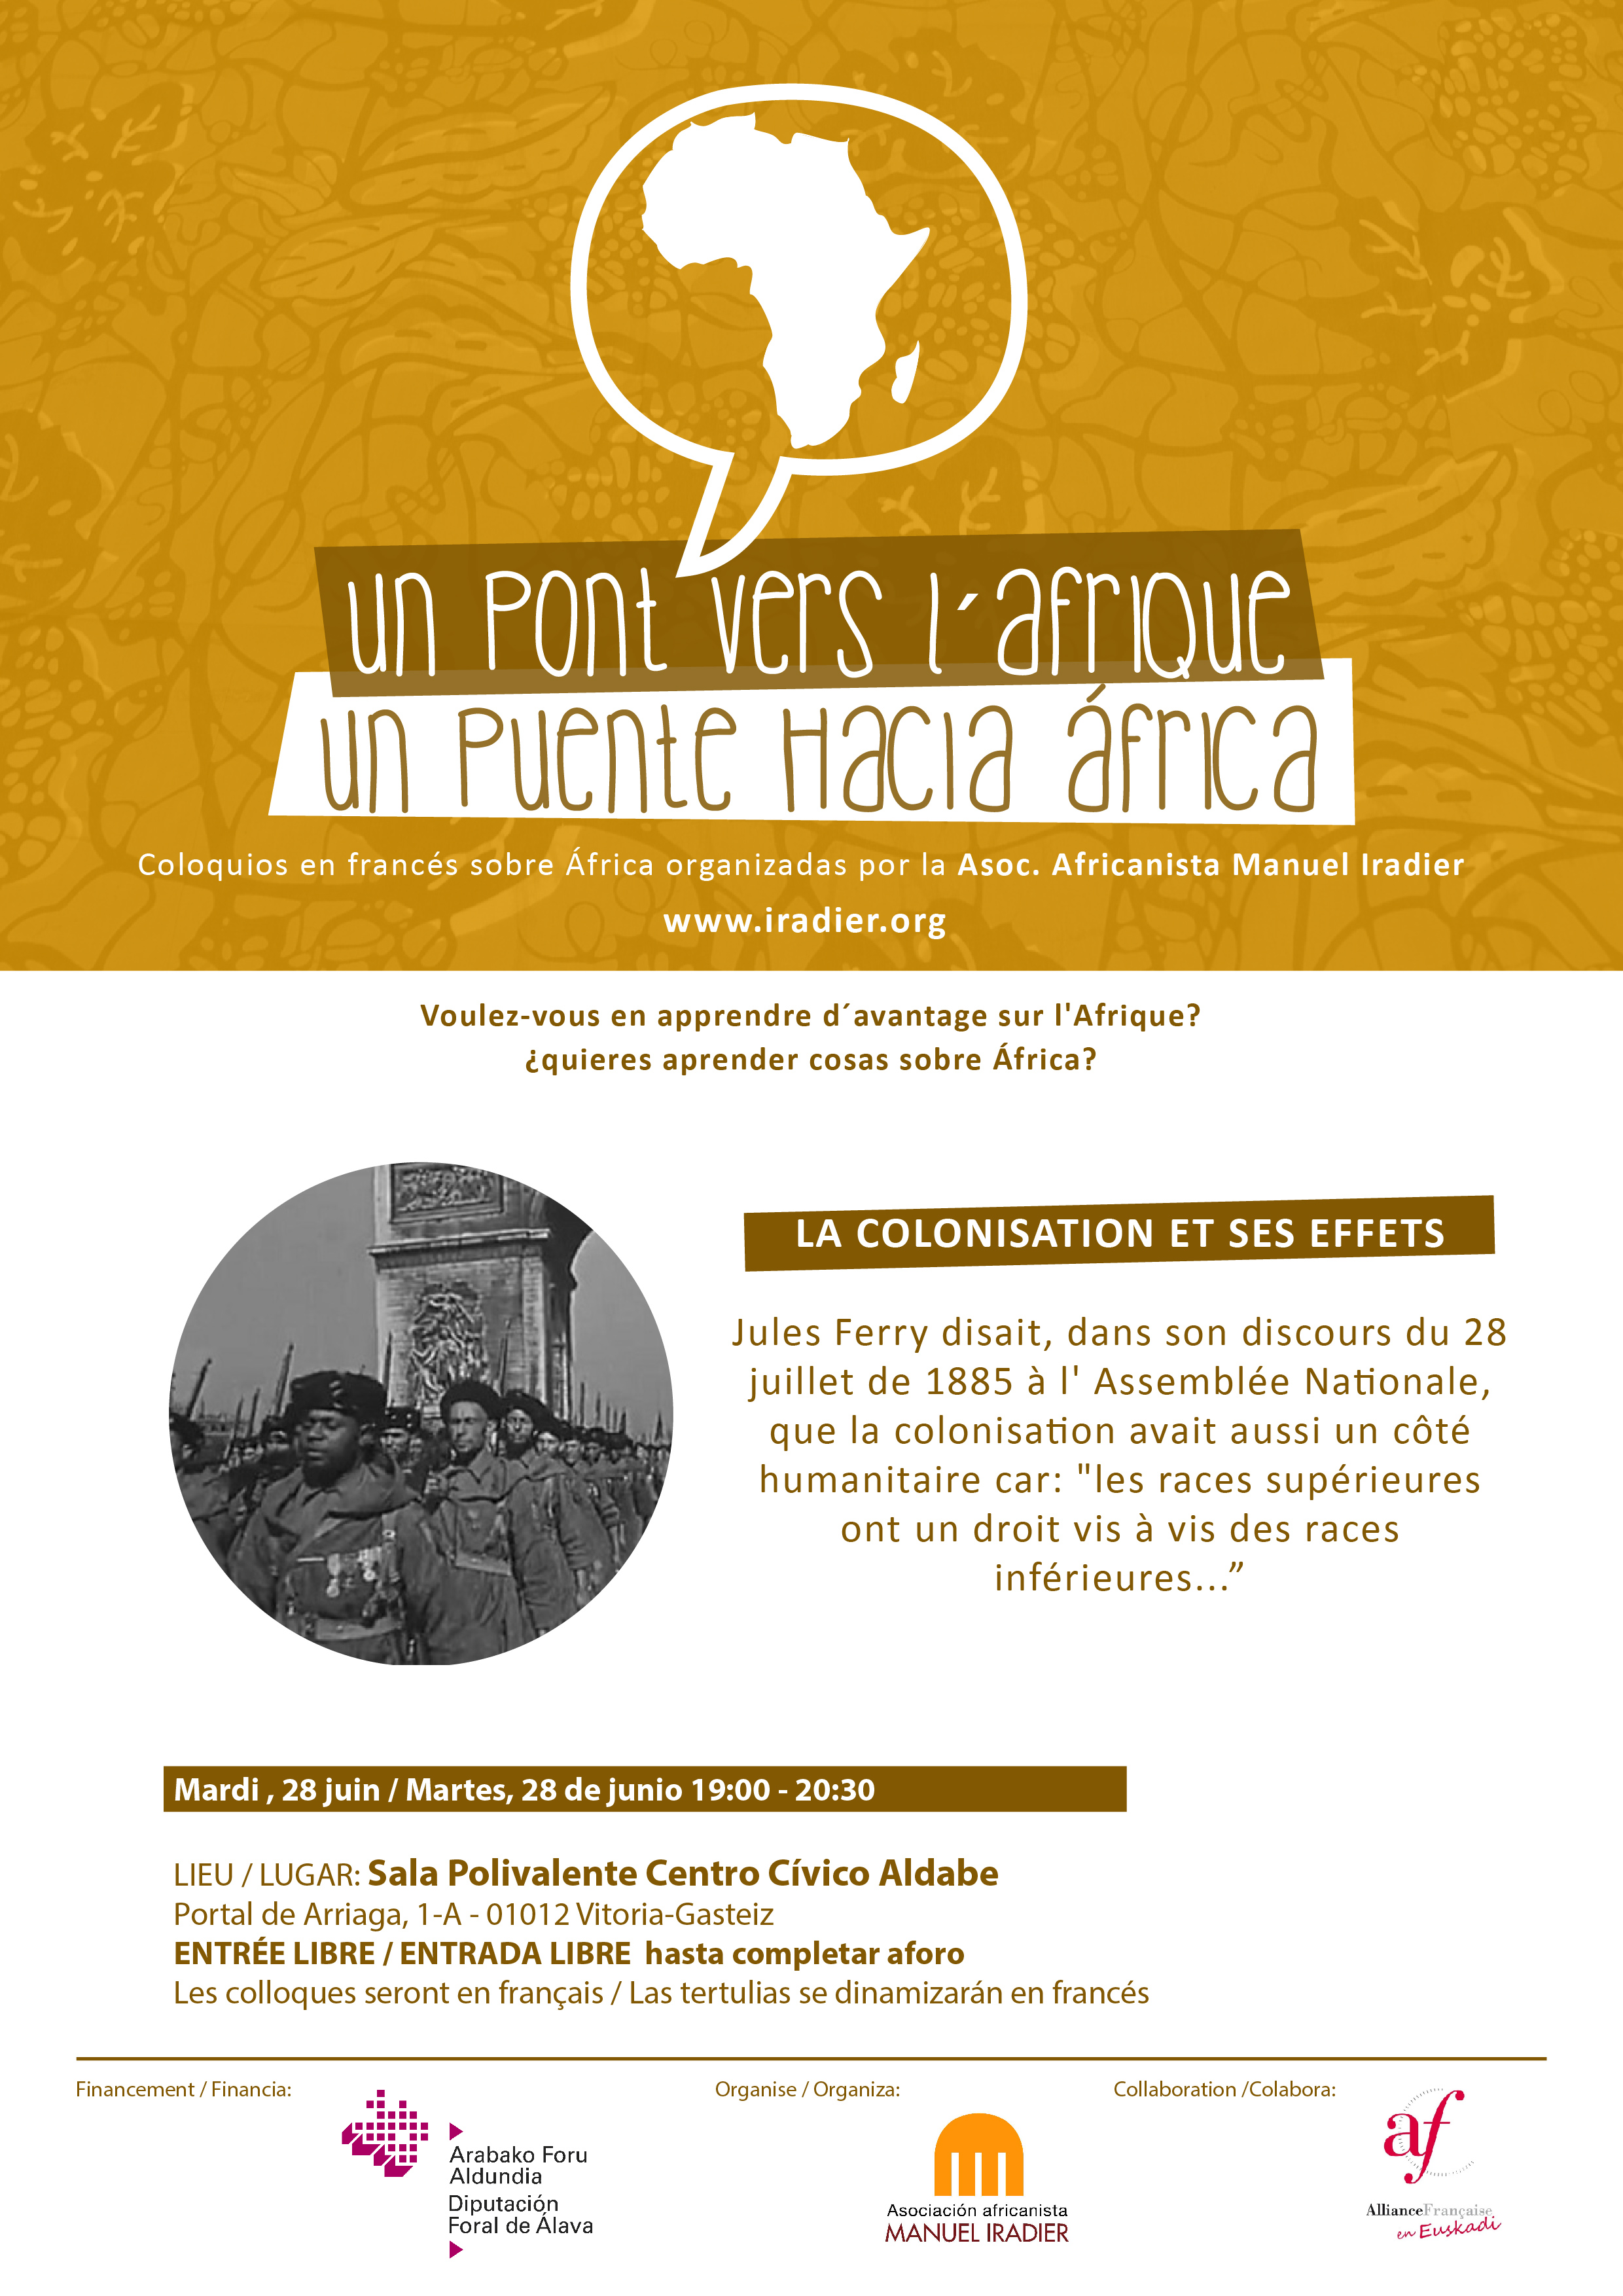 Nueva tertulia en francés UN PUENTE HACIA ÁFRICA